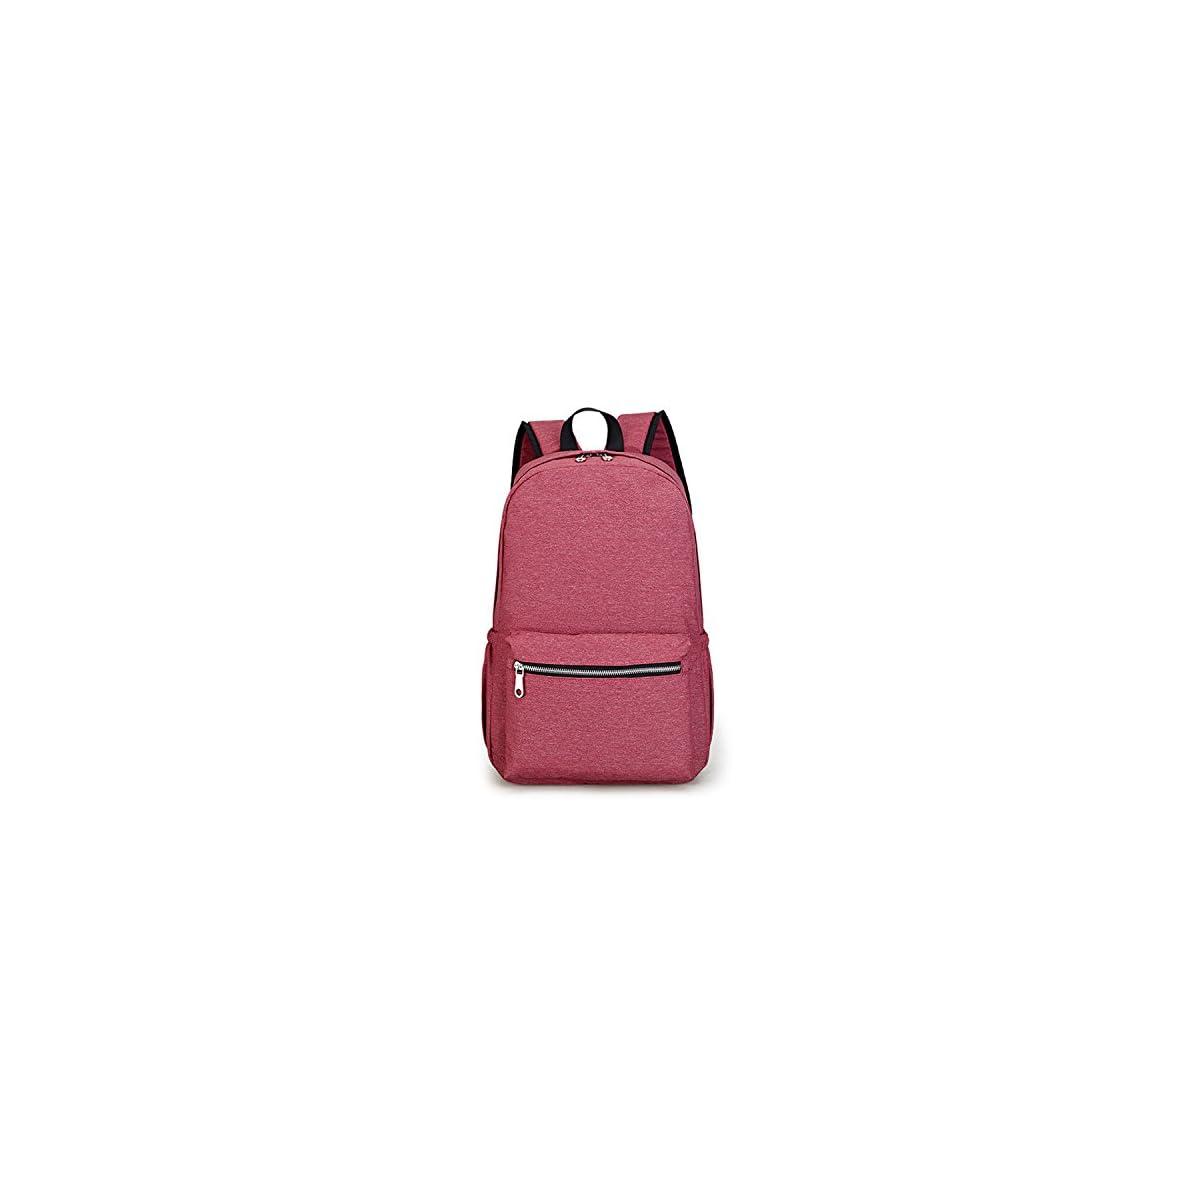 41A Kh9W6vL. SS1200  - Outreo Mochilas Escolares Bolsas de Viaje Ligero Bolsos de Moda Mujer Escuela Bolso Impermeable Libro Bolso Sport Backpack